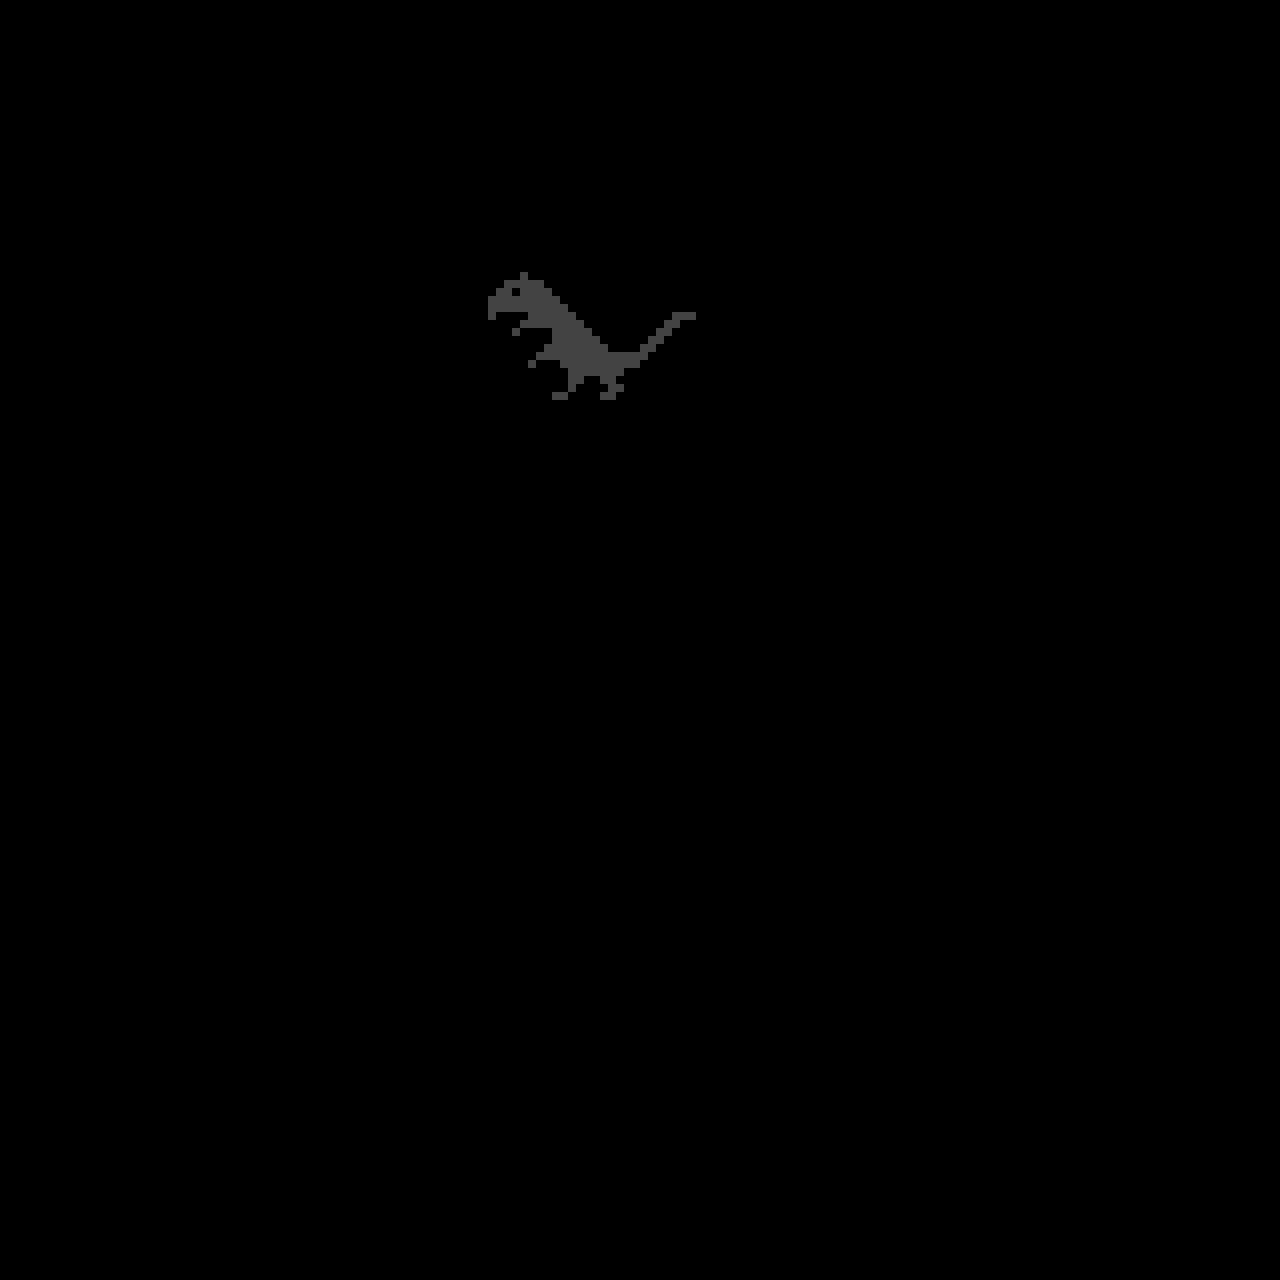 dinopixel